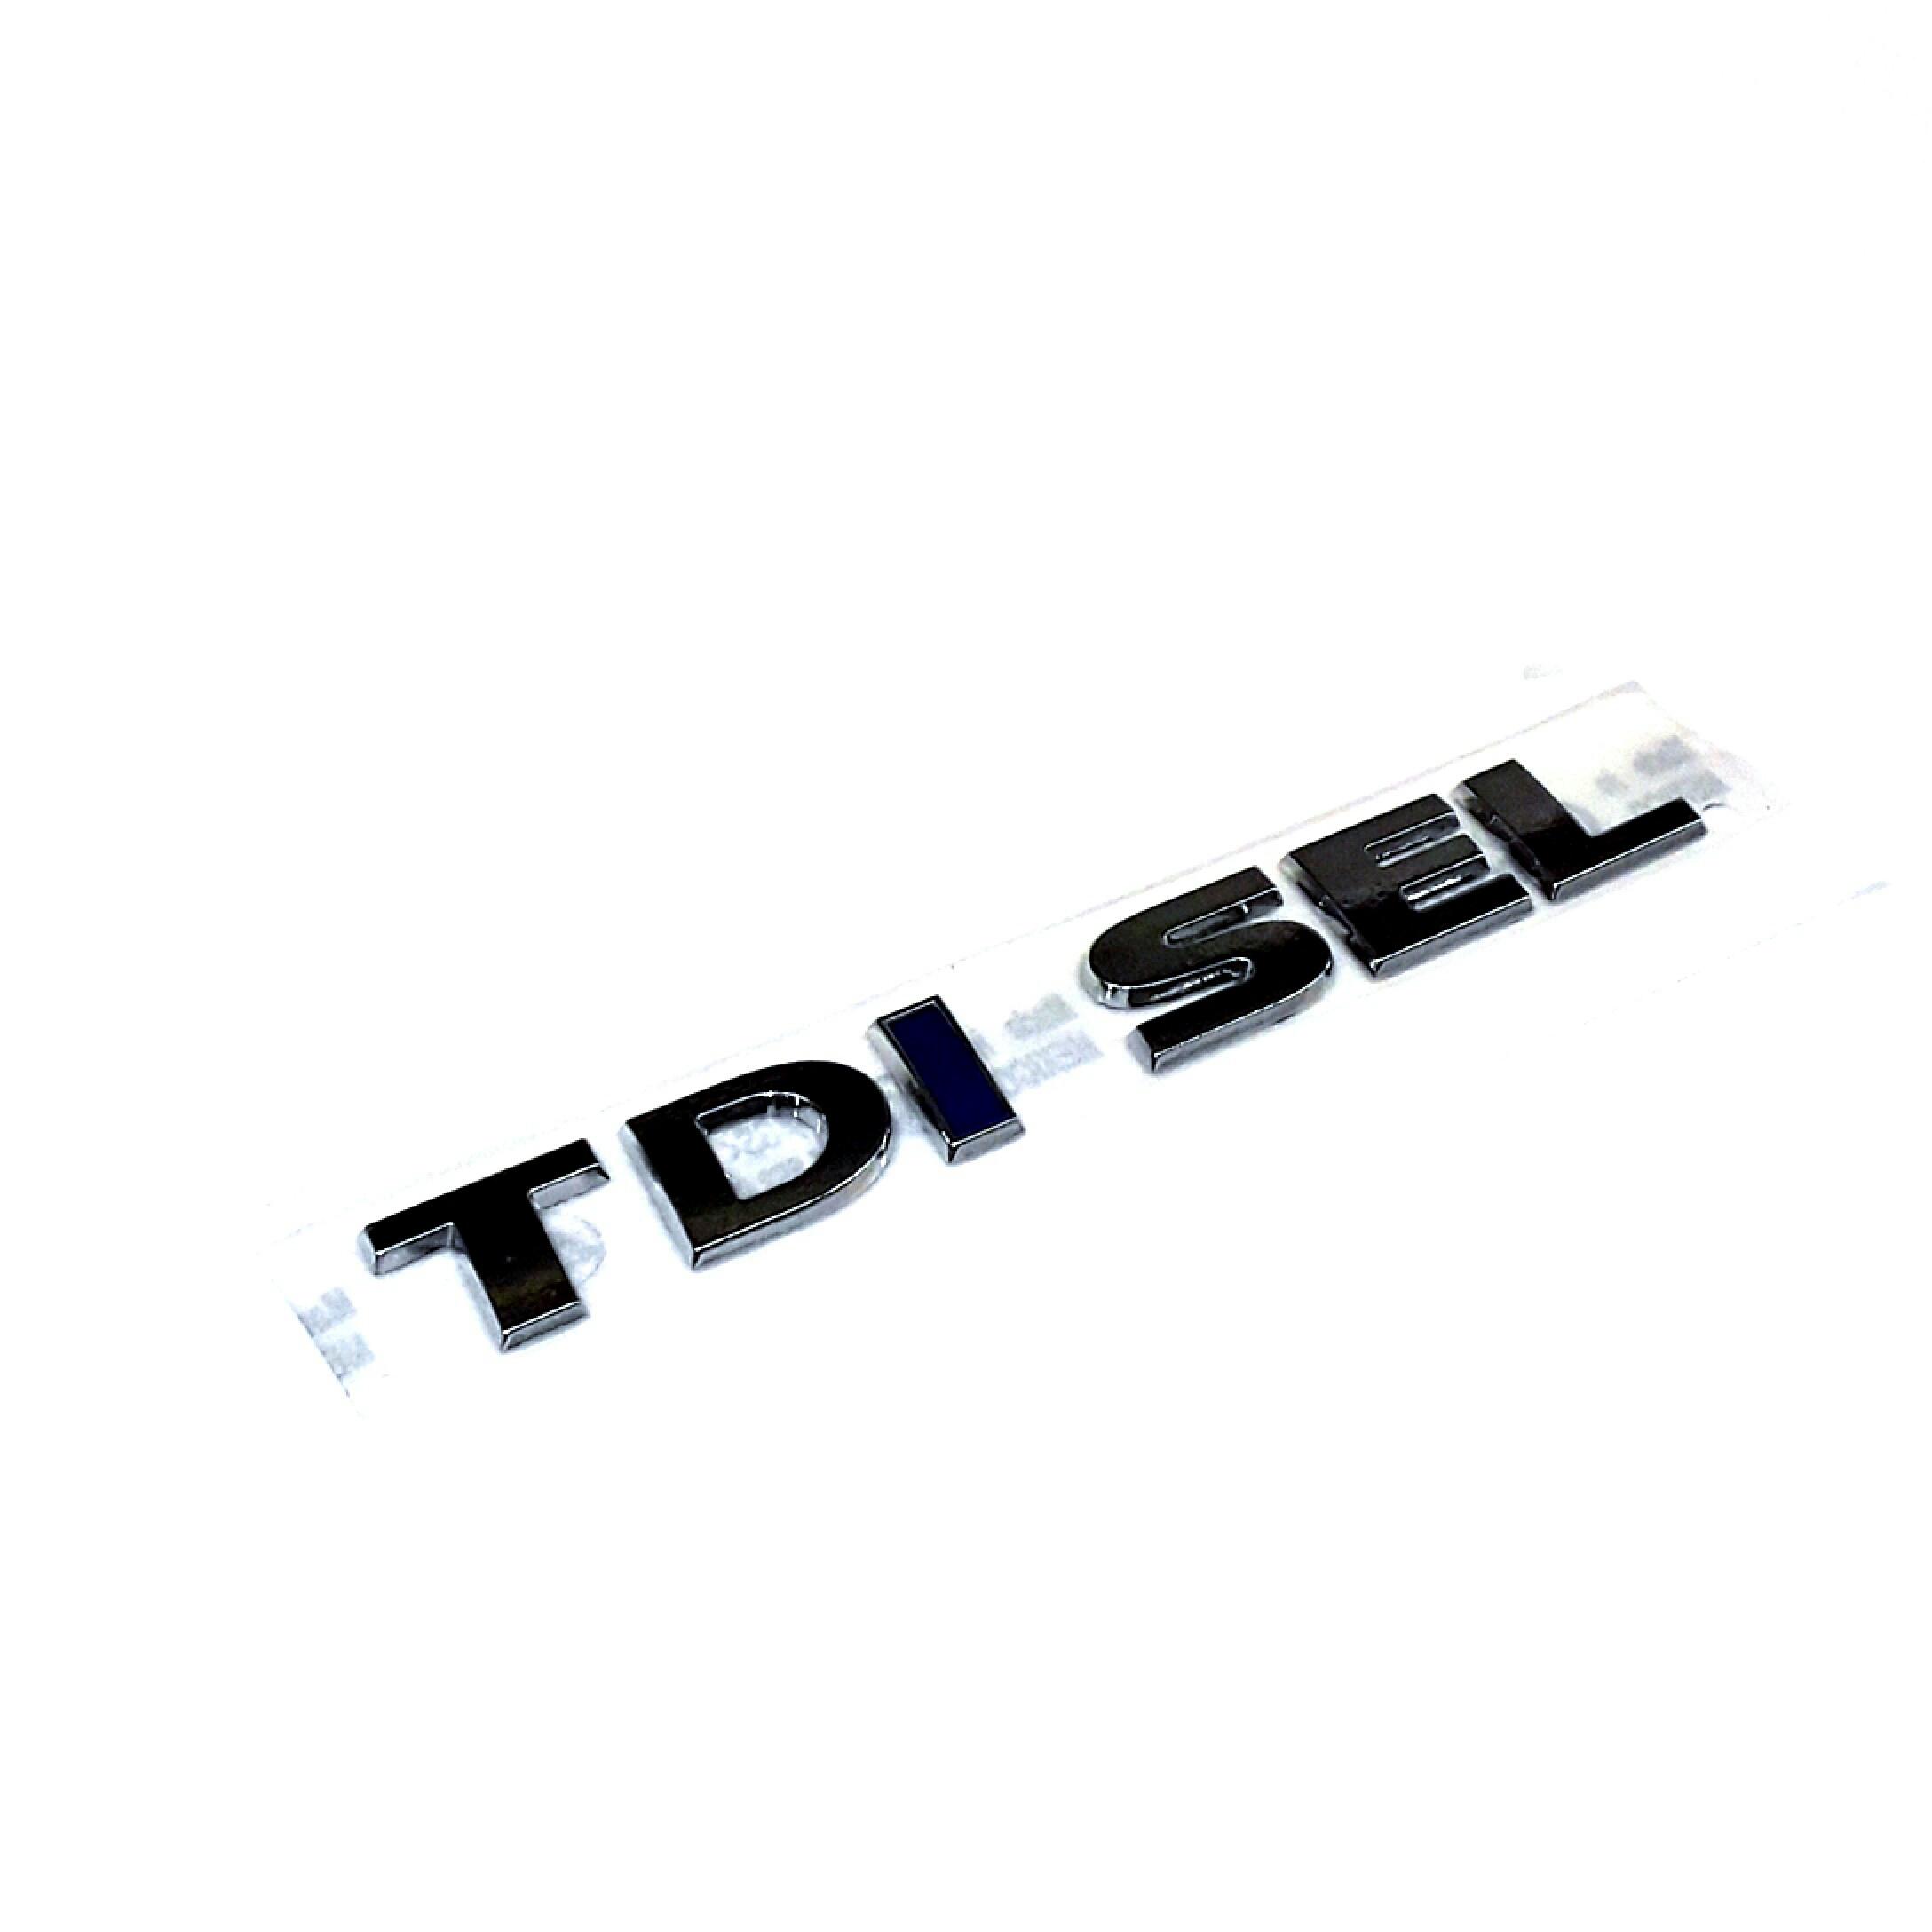 2013 volkswagen passat emblem  nameplate  deck lid  handle